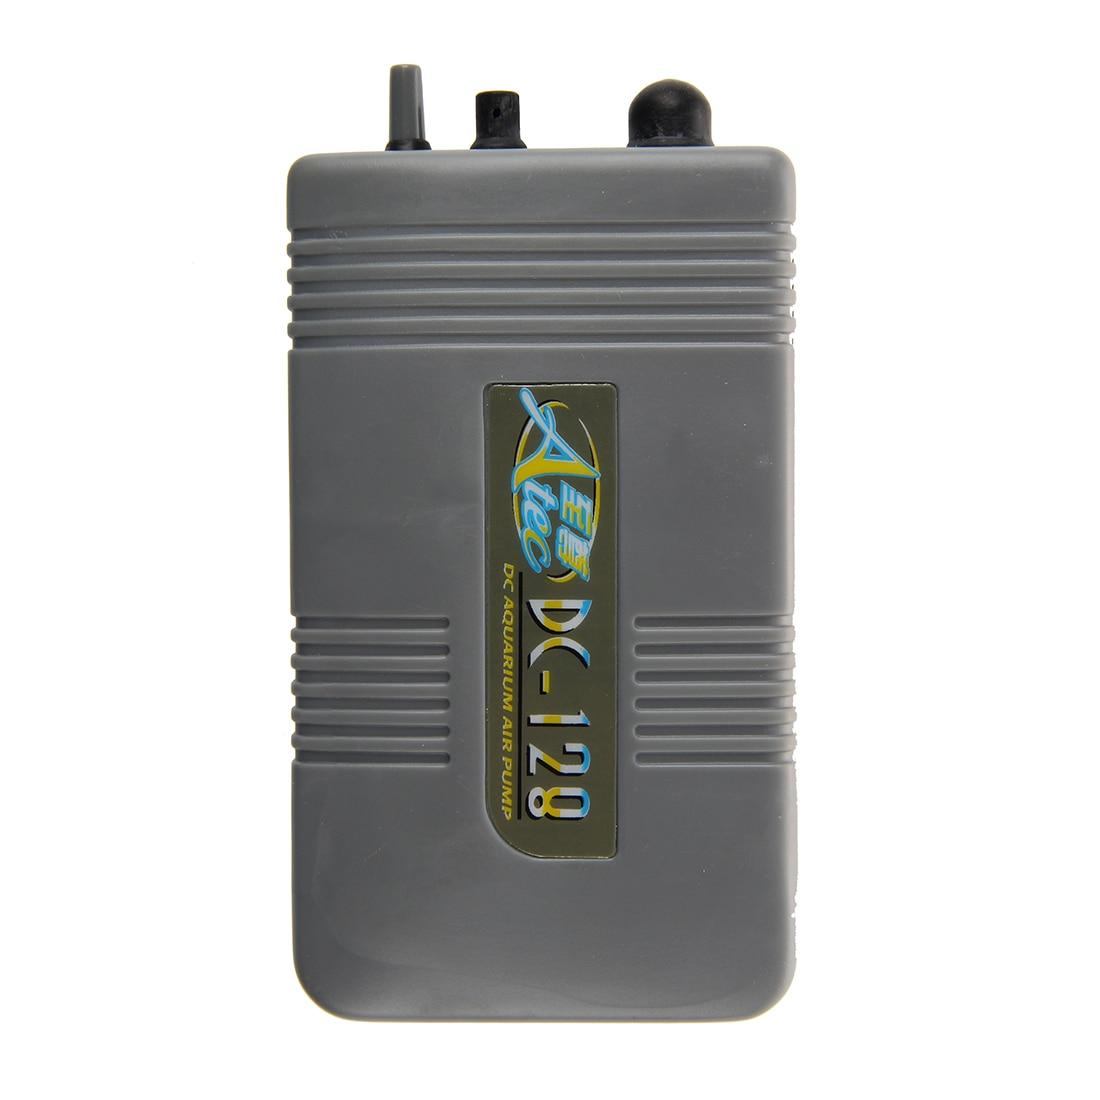 Portable Battery-Operated Fish Tank Aquarium Air Pump--Grey